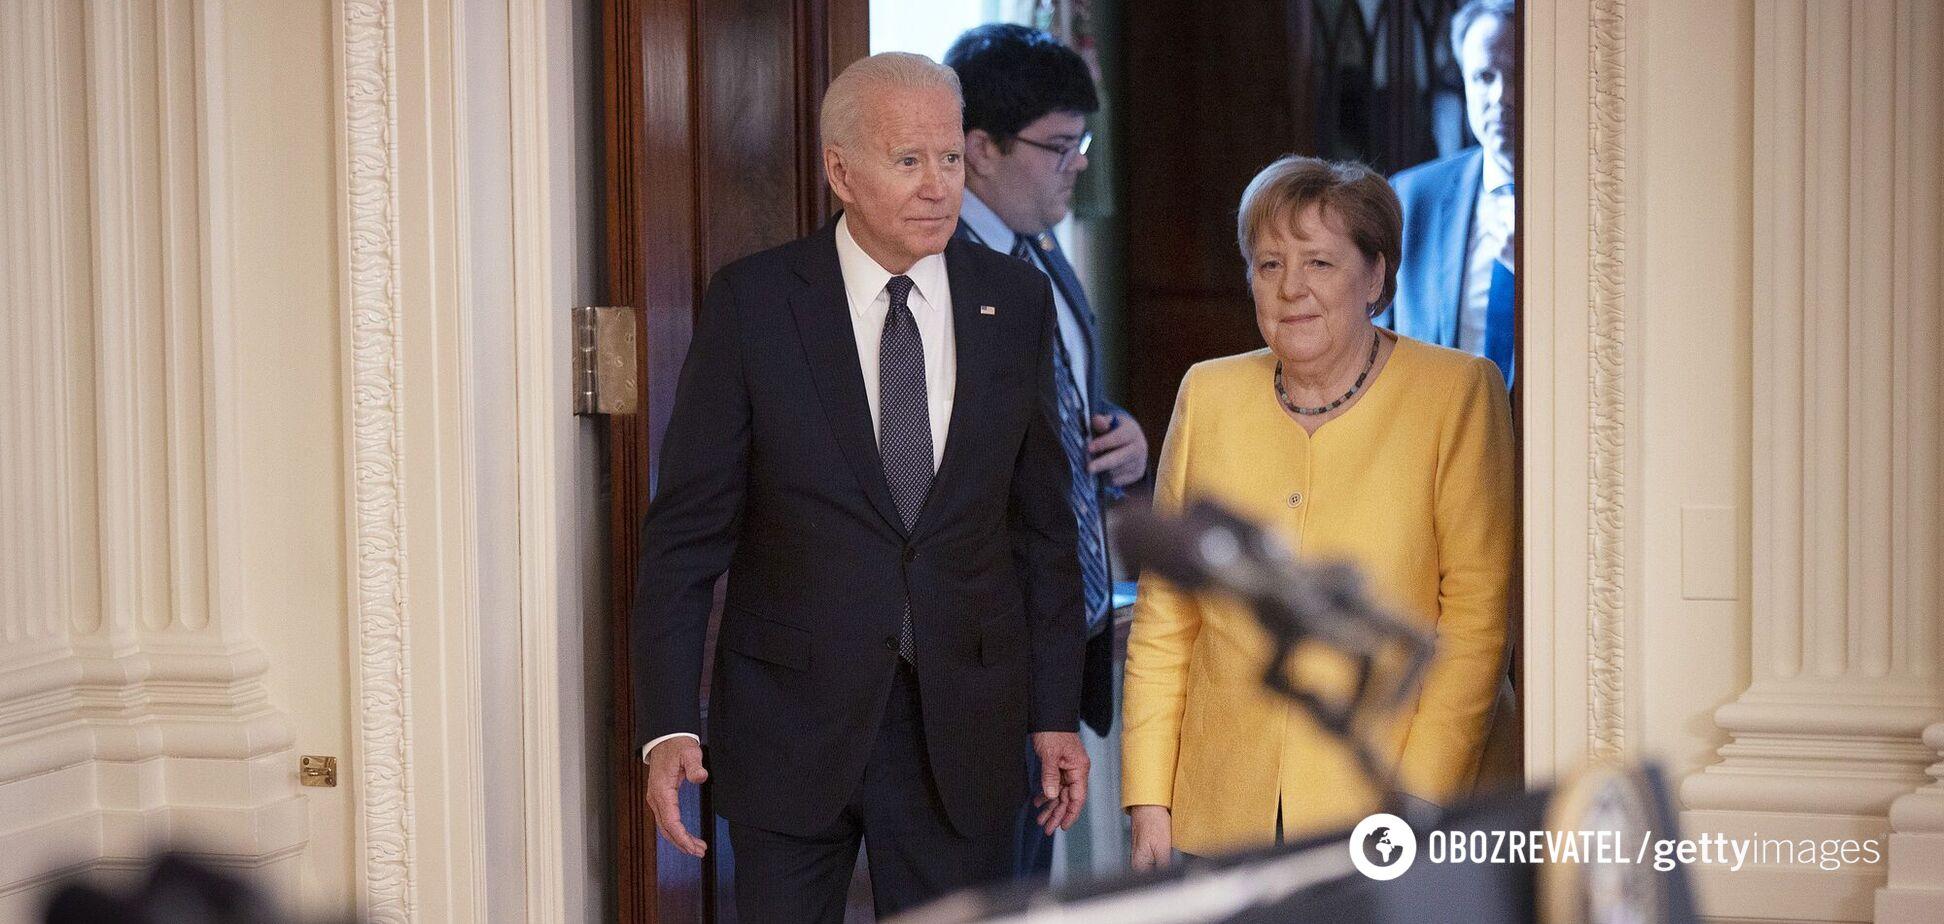 Інвестиції до $1,7 млрд і допомога з Донбасом: розкрито деталі угоди США і Німеччини щодо 'Північного потоку-2'